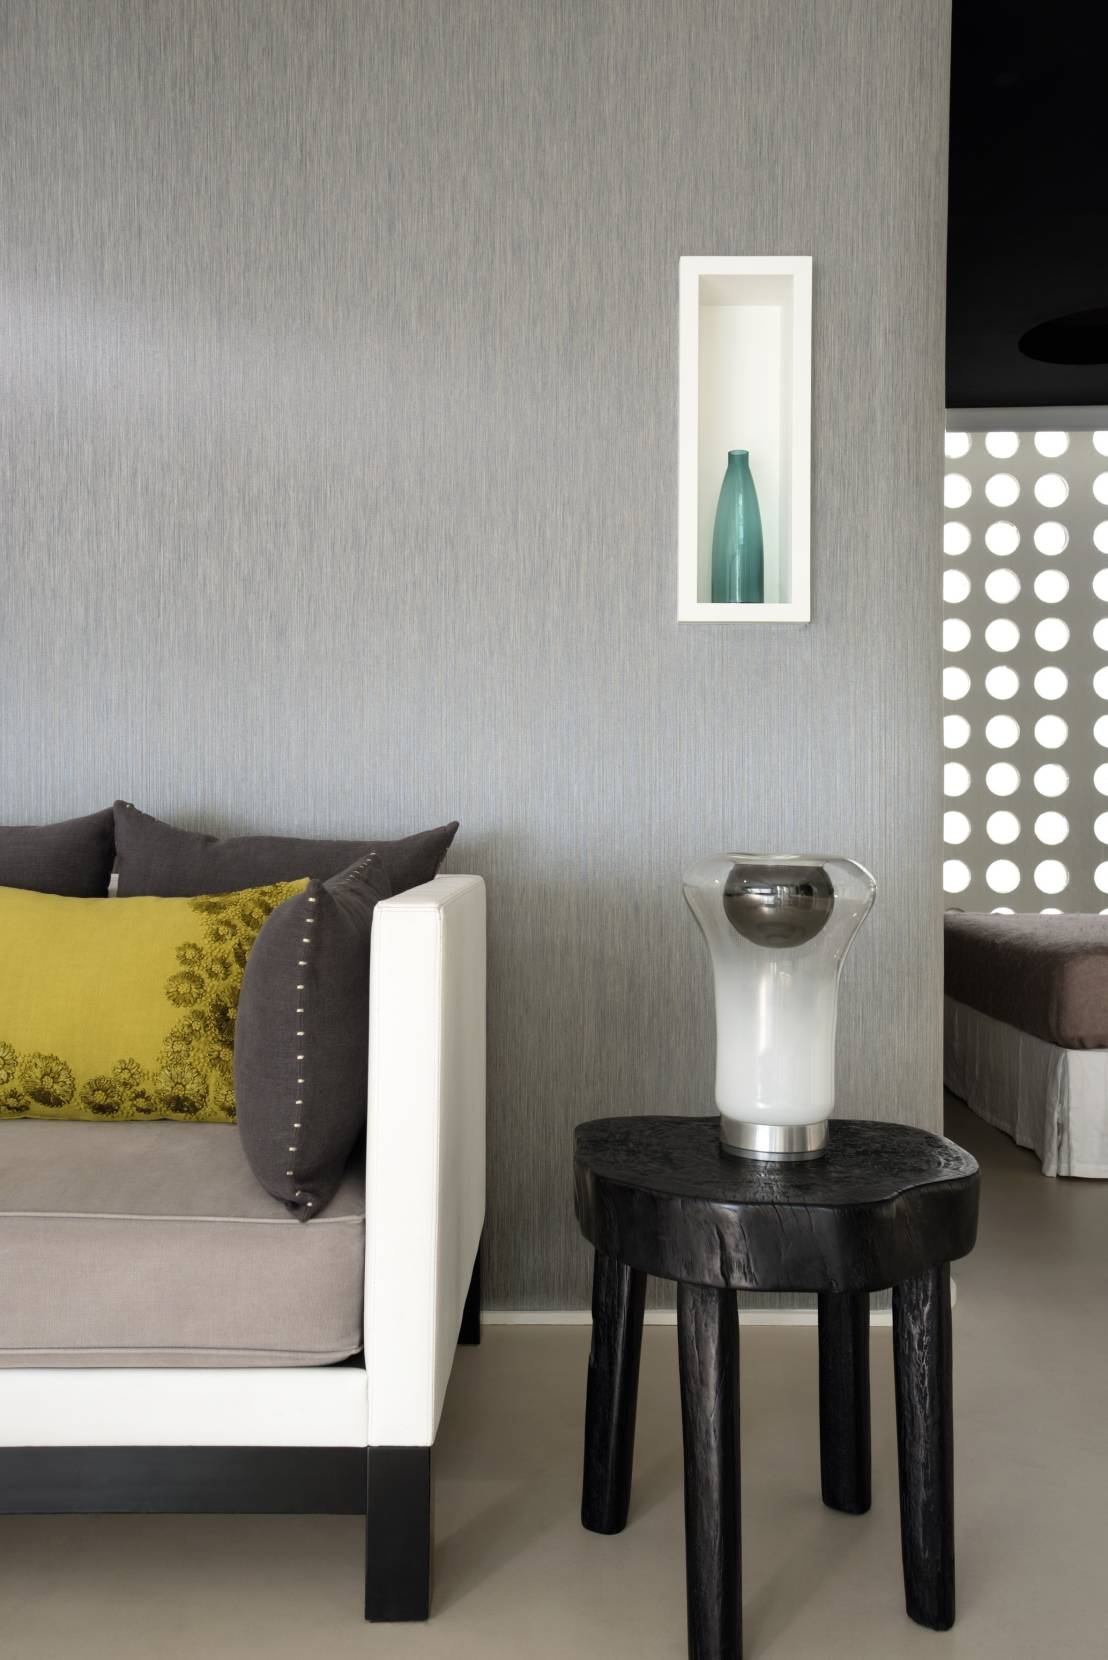 Dipingere i muri in grigio: sì o no?